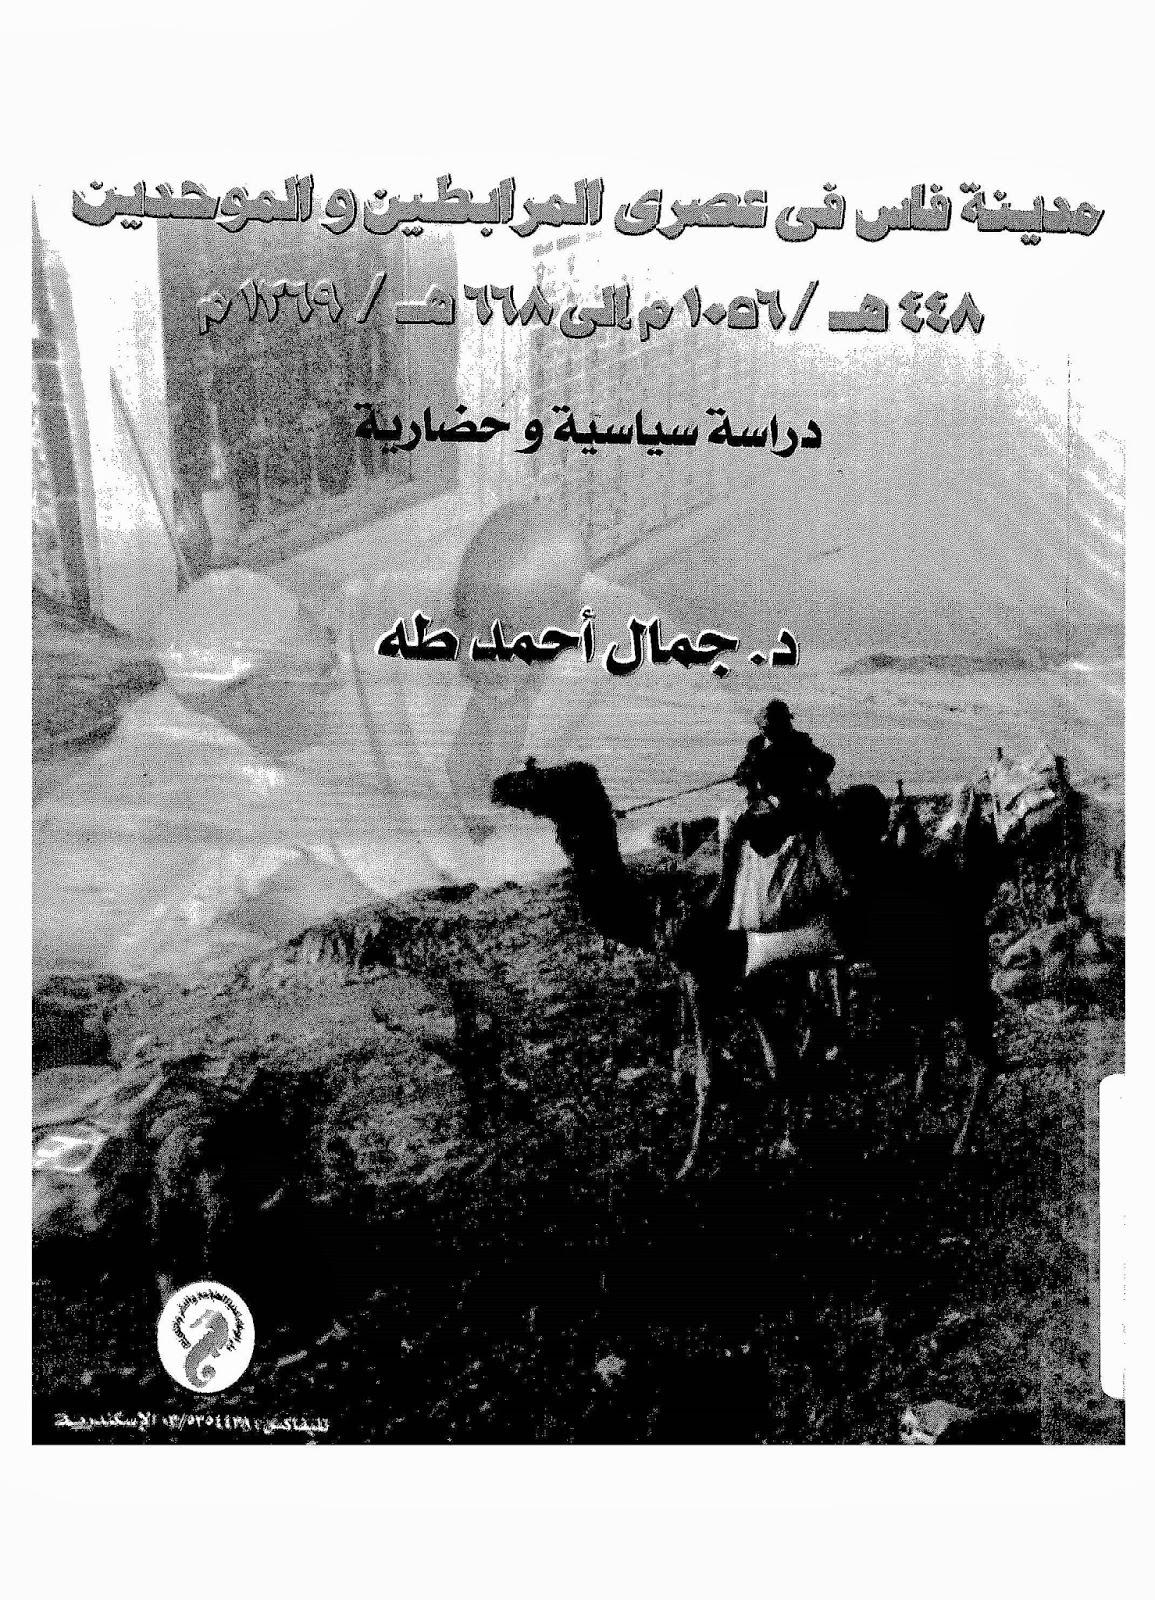 مدينة فاس في عصري المرابطين والموحدين دراسة سياسية وحضارية لـ جمال أحمد طه